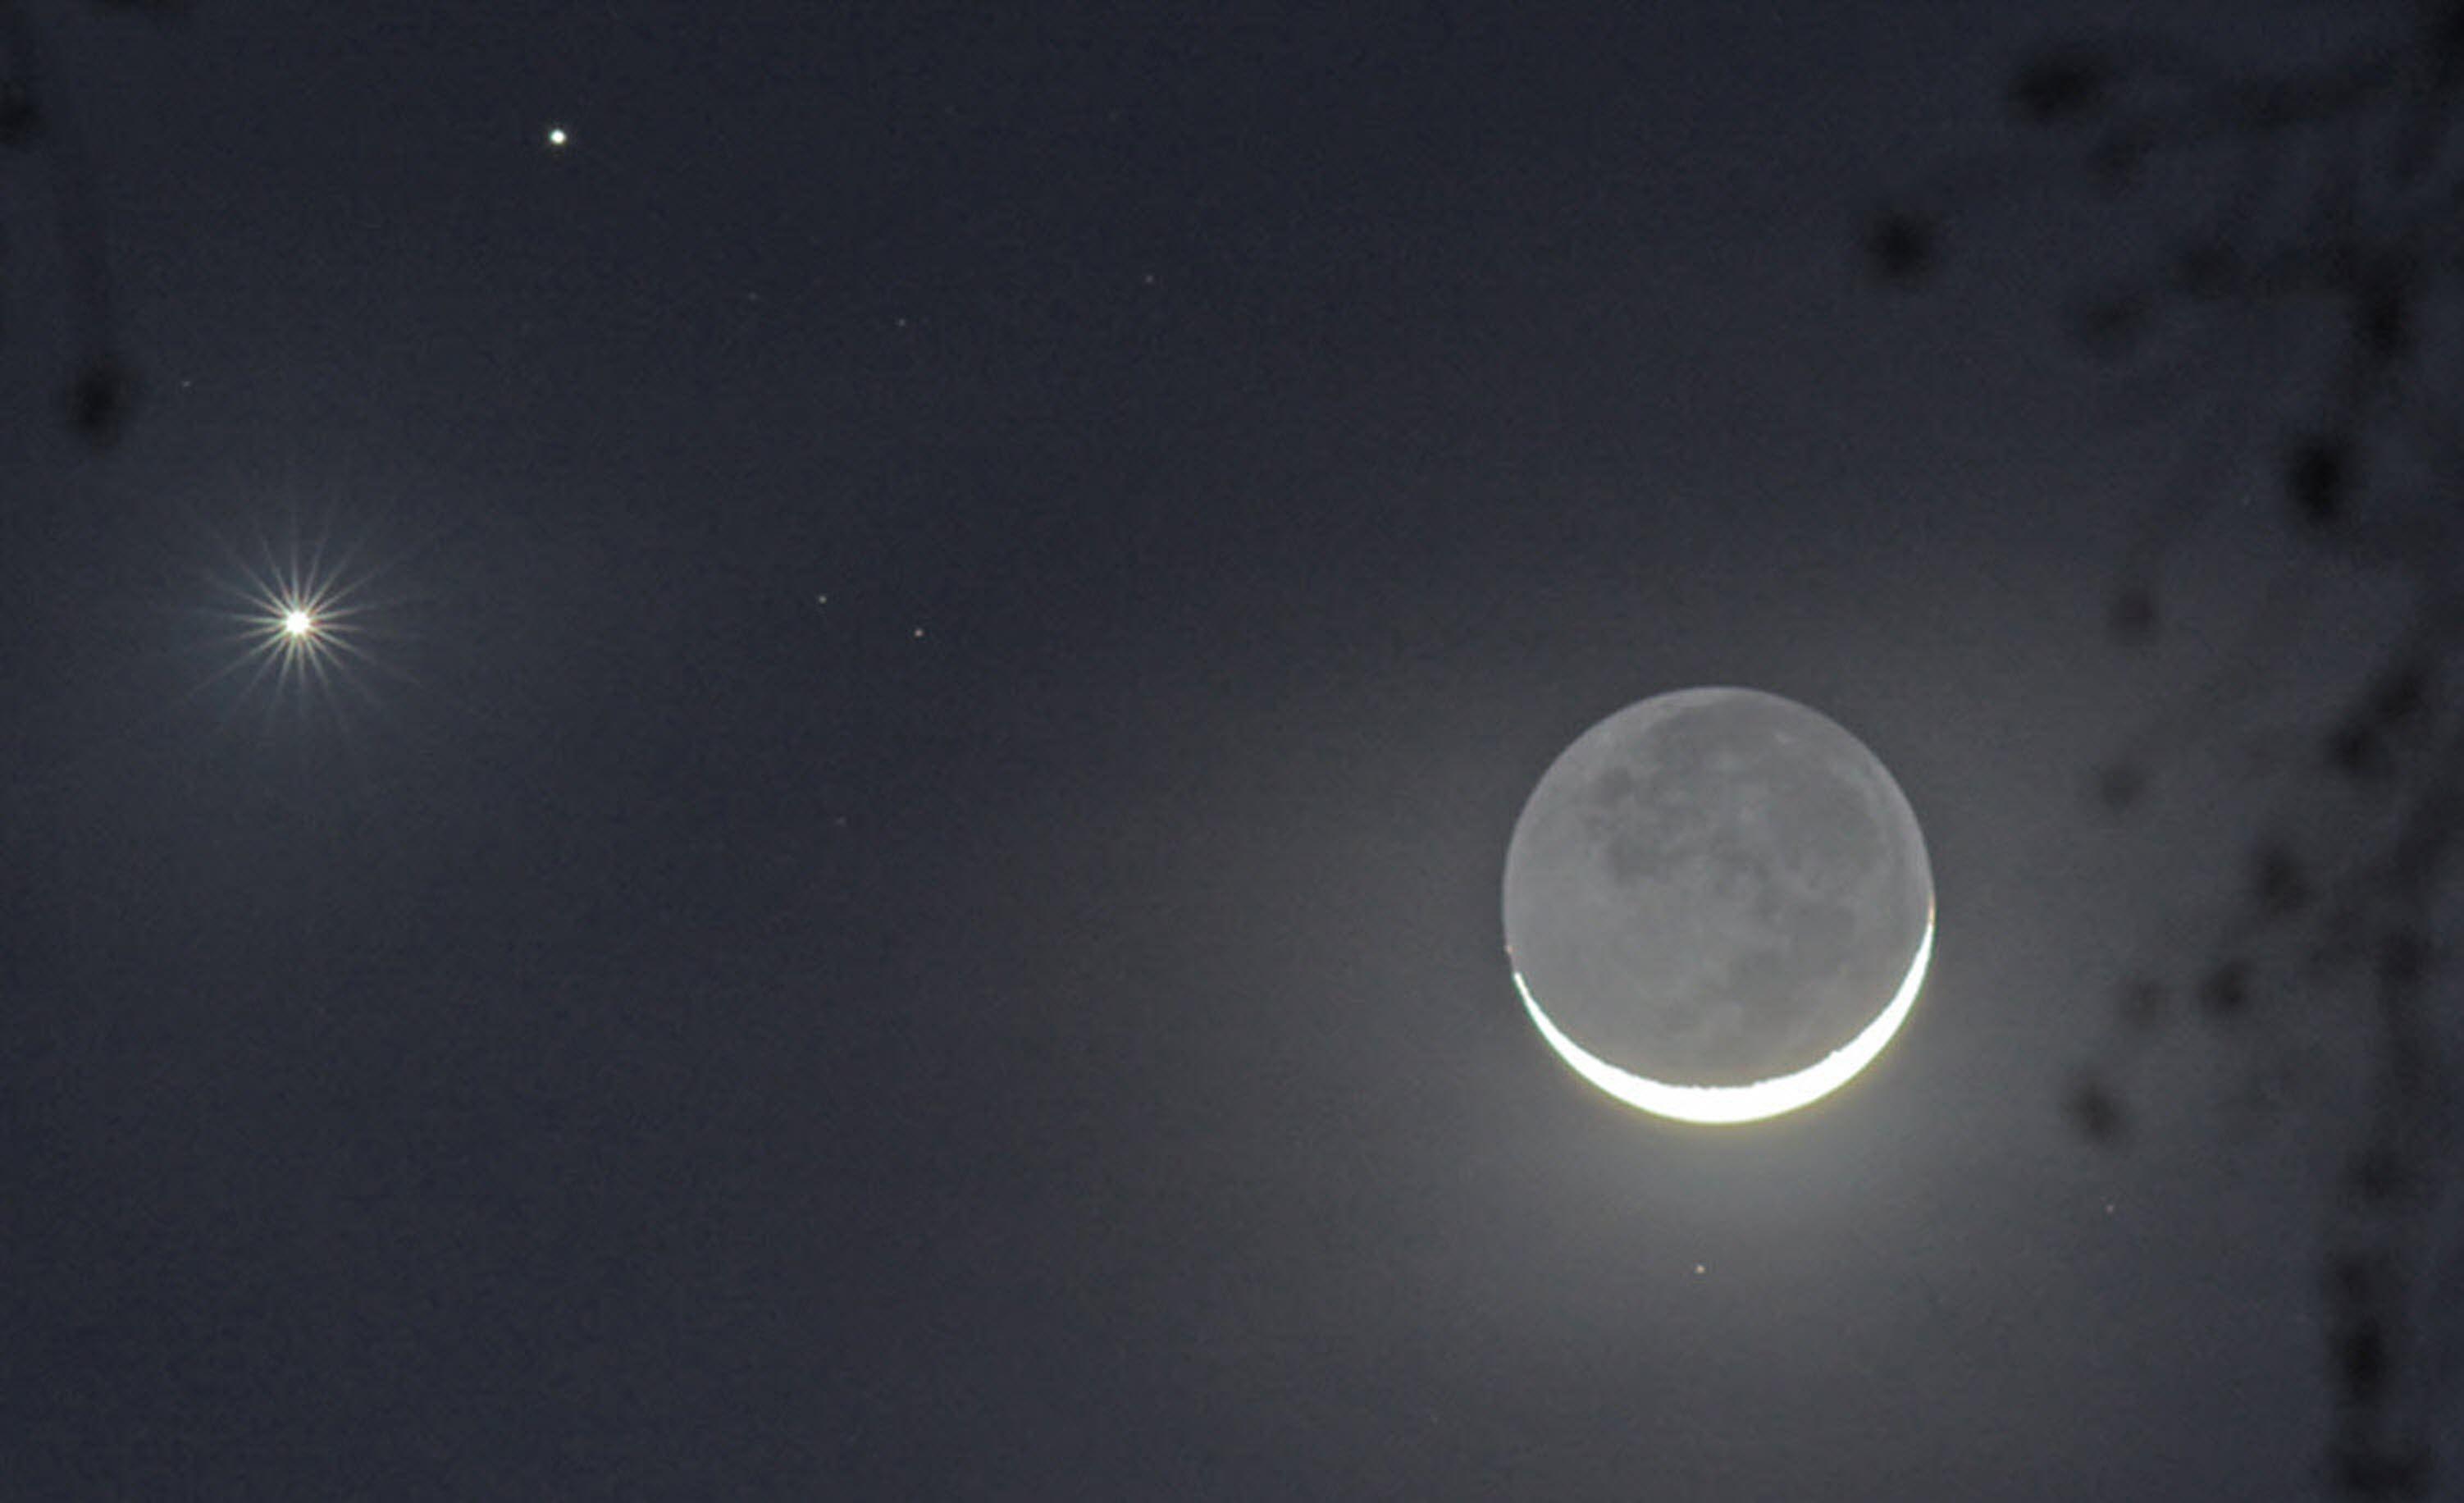 Mars, Venus & The Moon triple conjunction | Space Stuff